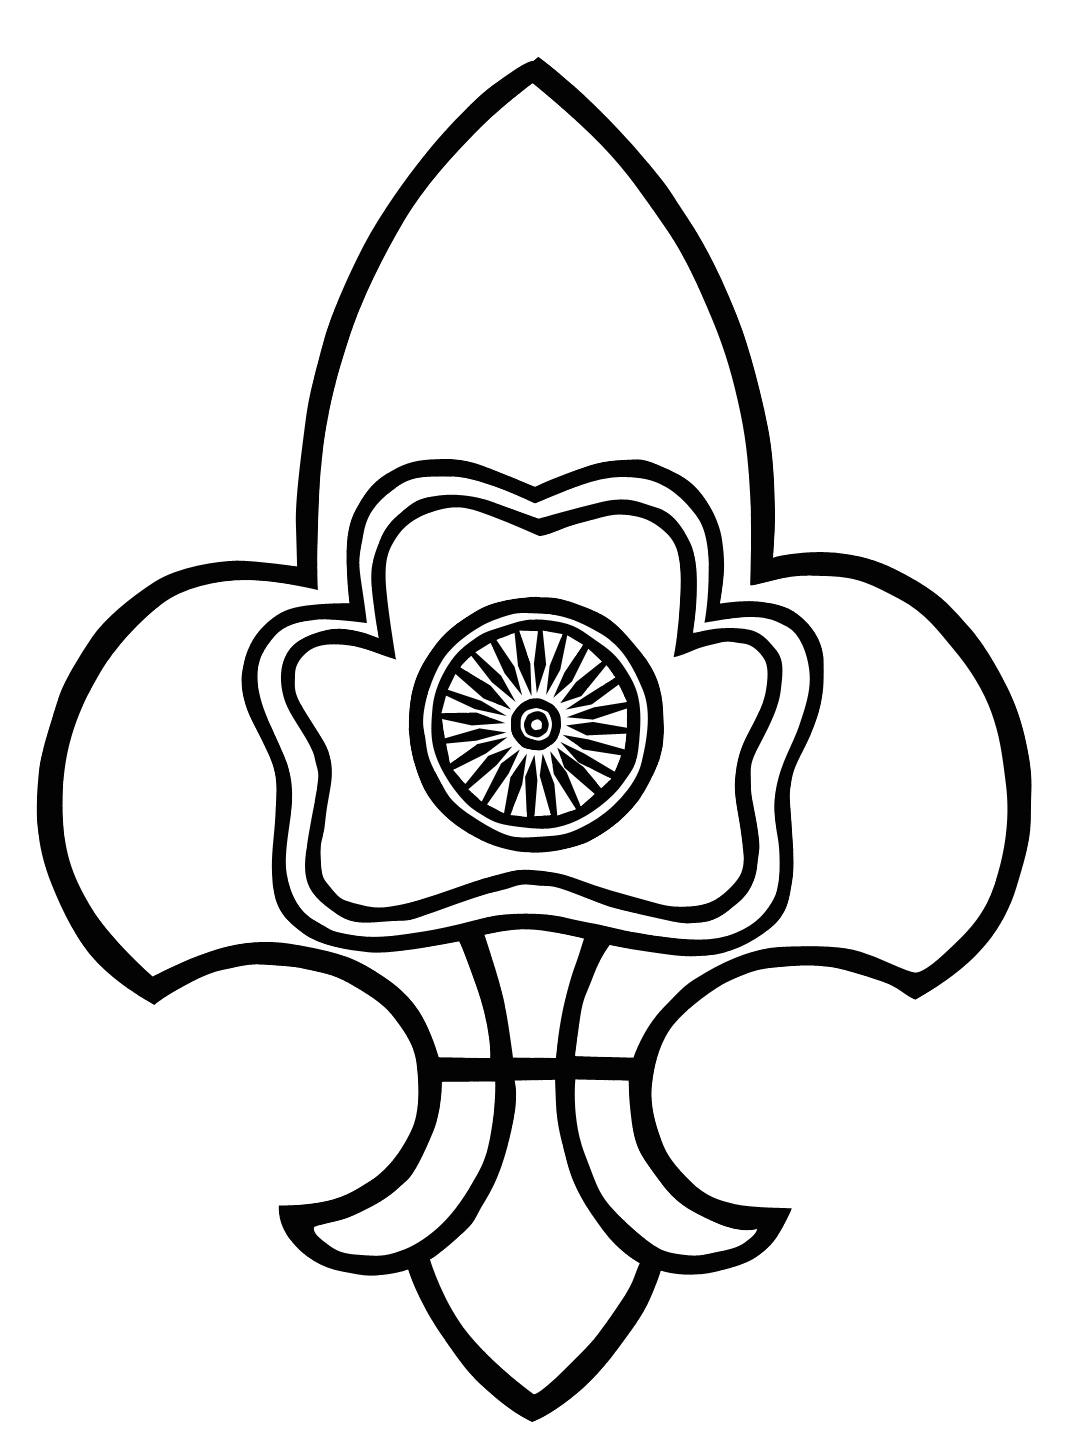 Boy Scout Symbol Images